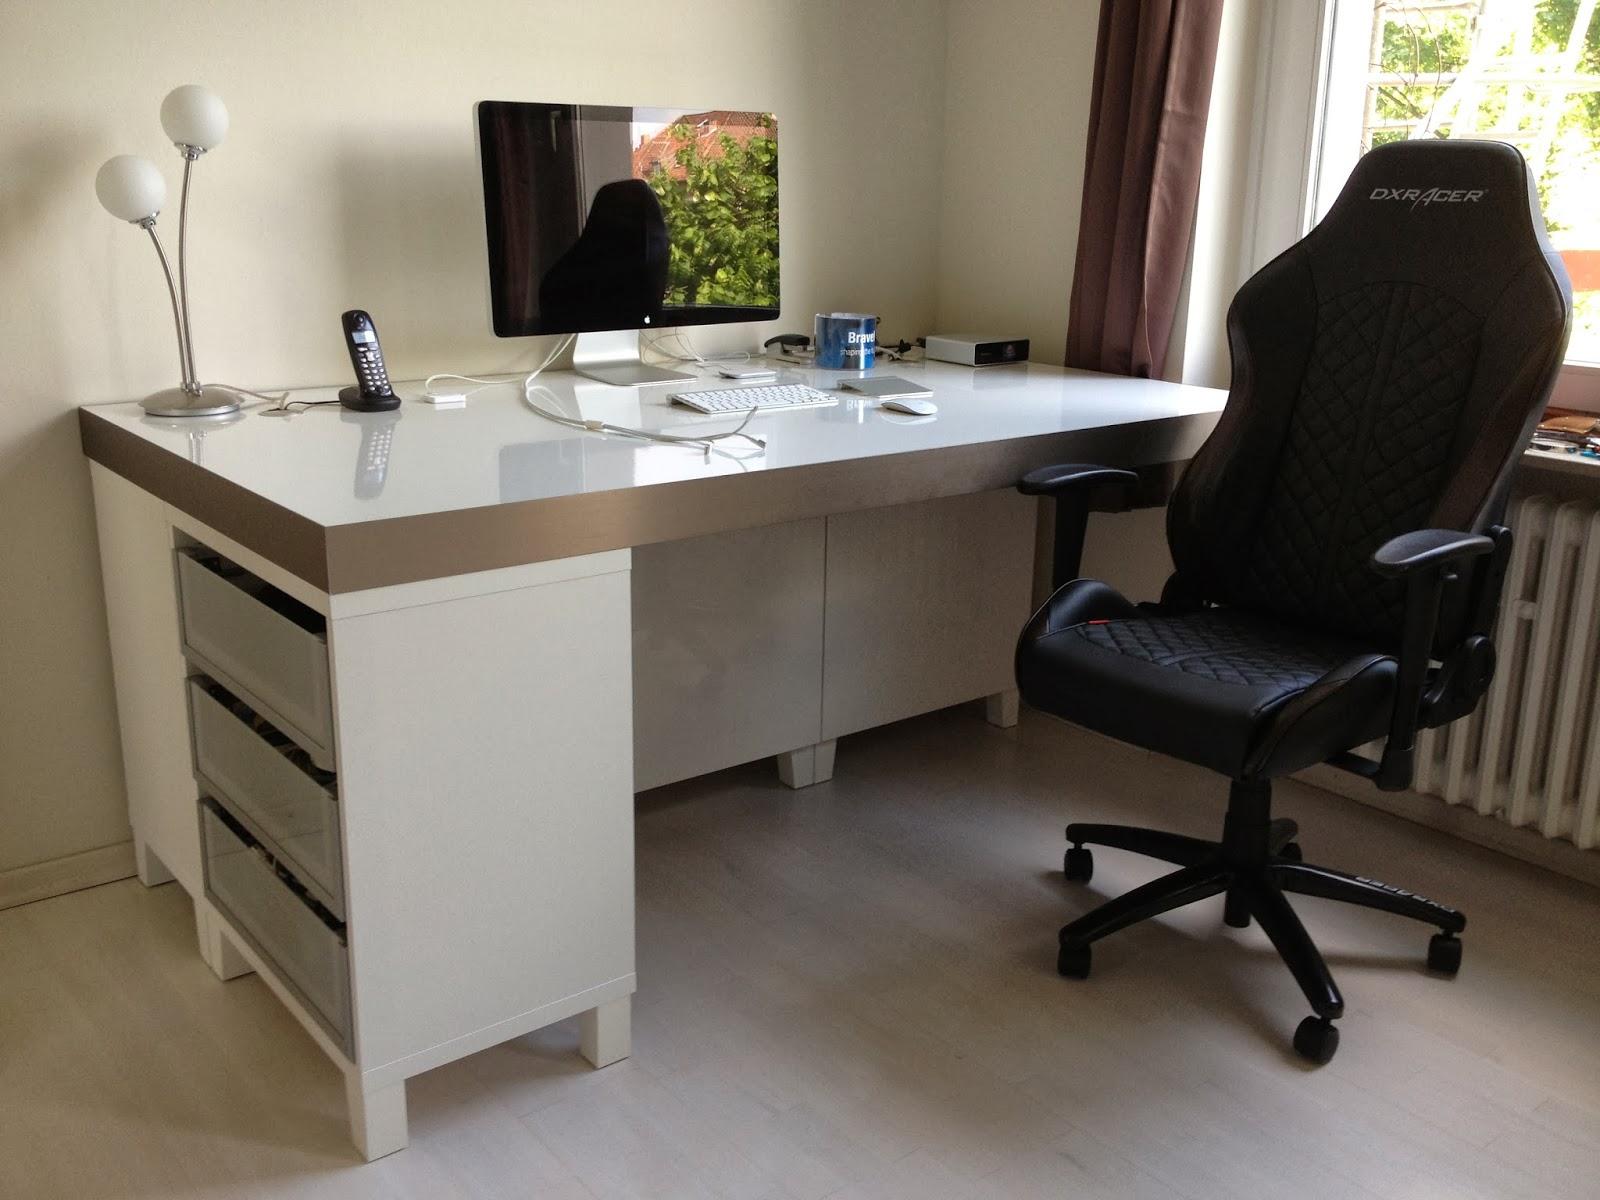 bau eines stylischen schreibtisches aus dem ikea programm. Black Bedroom Furniture Sets. Home Design Ideas